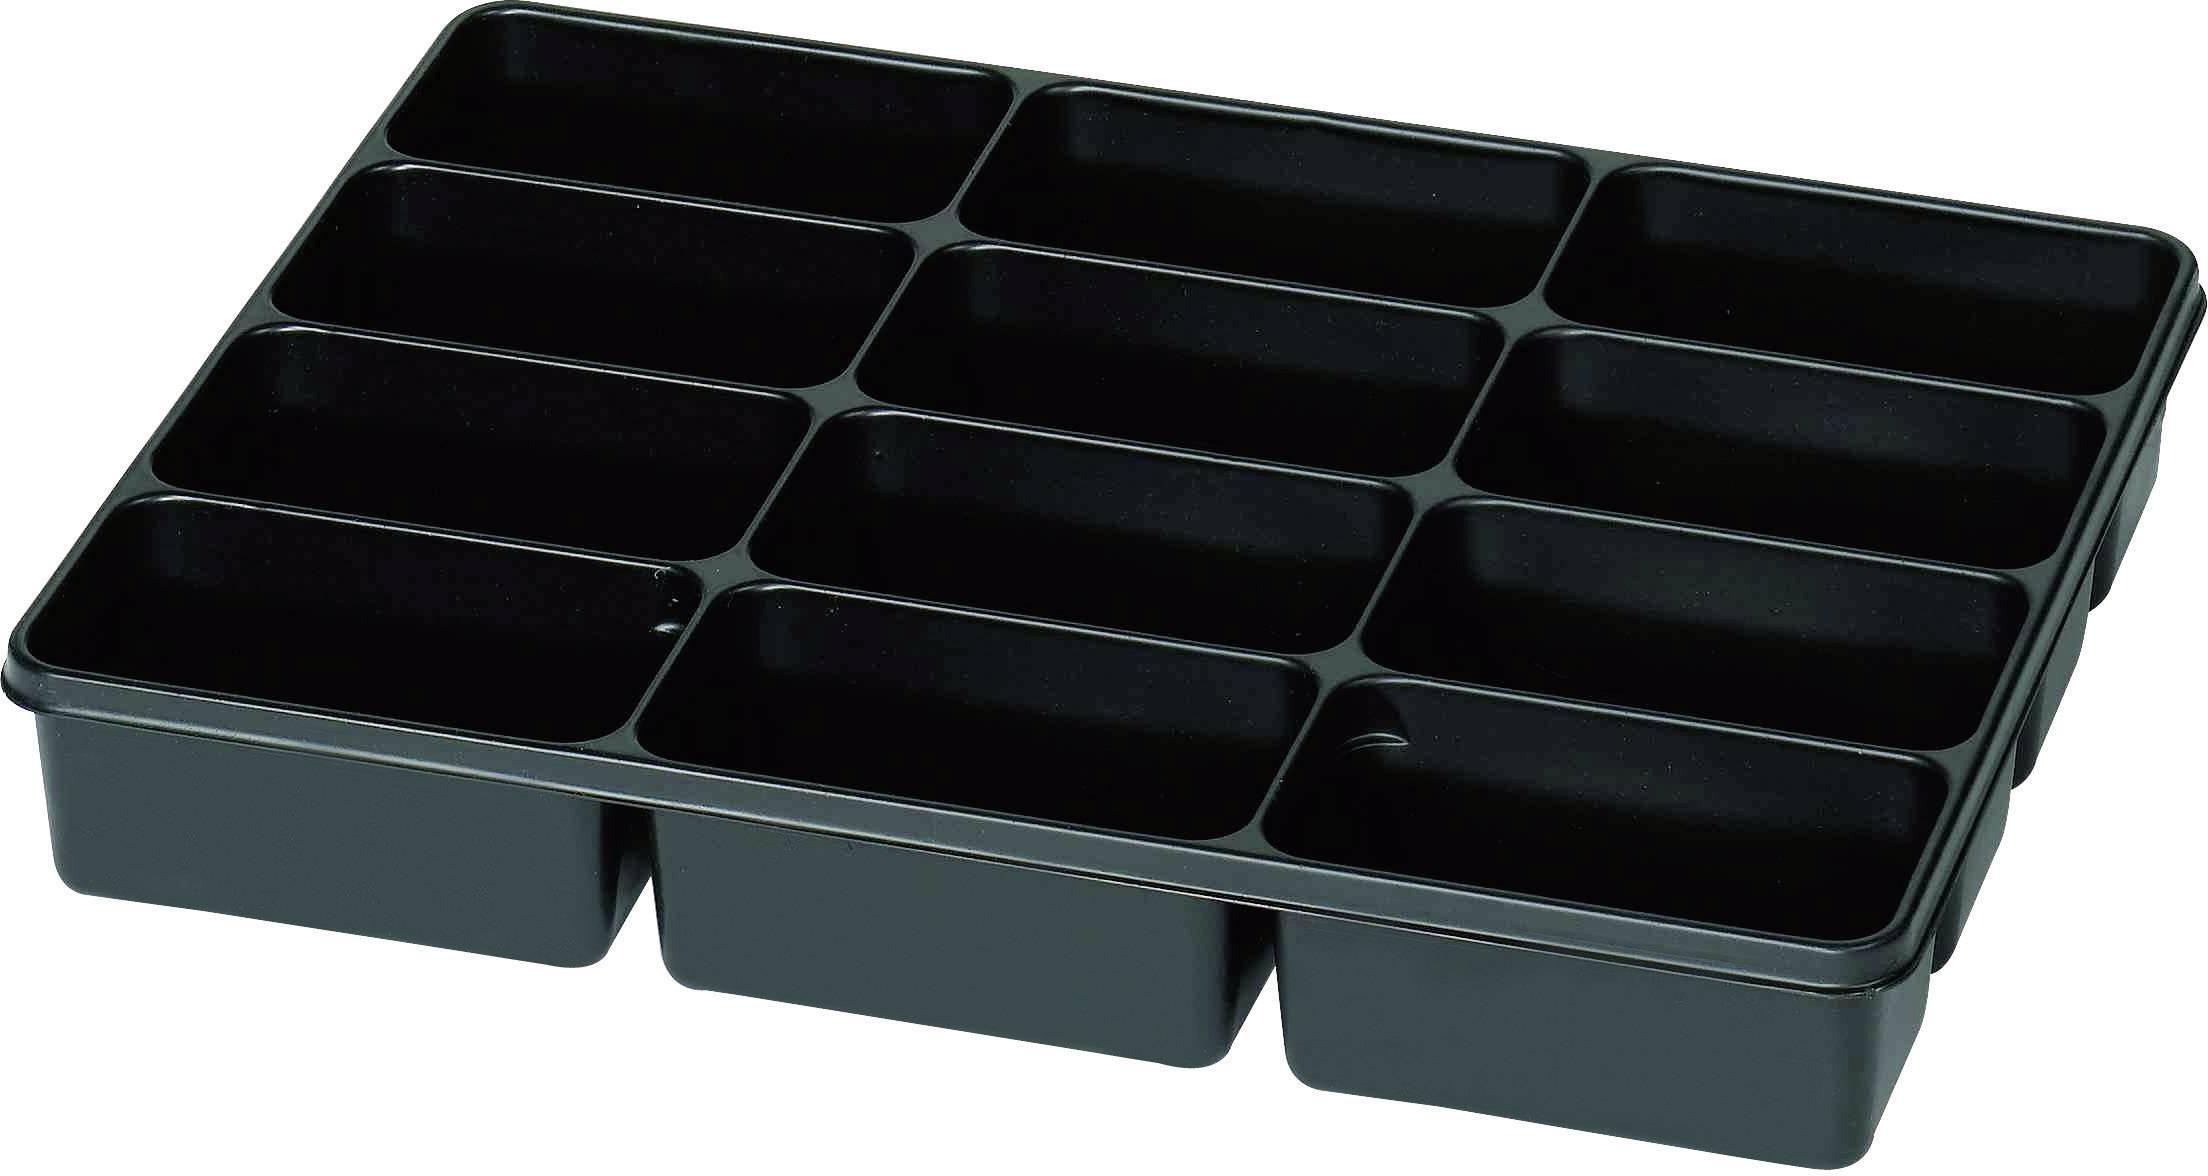 Plastová krabička na drobné súčiastky 815351, priečinkov: 12, 335 x 235 x 50 , čierna